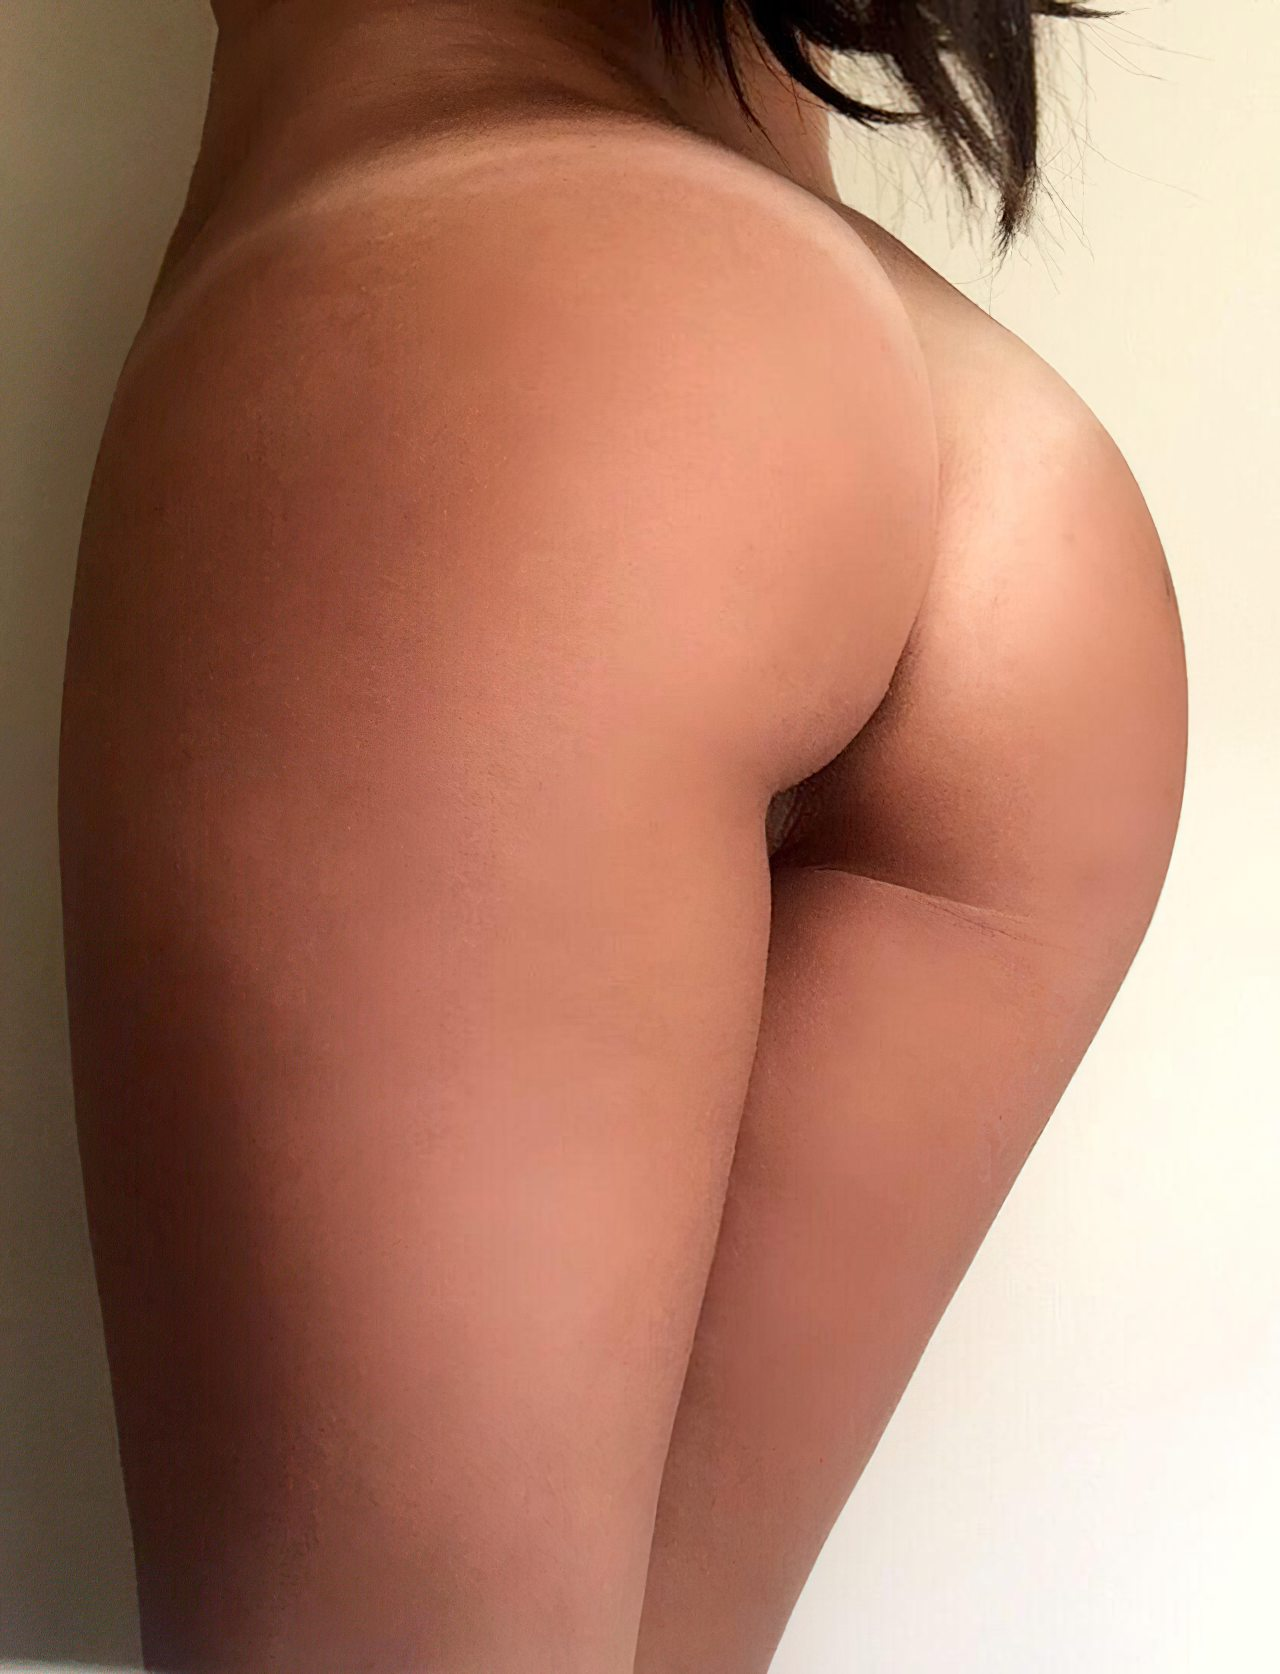 Mulheres Peladas (17)